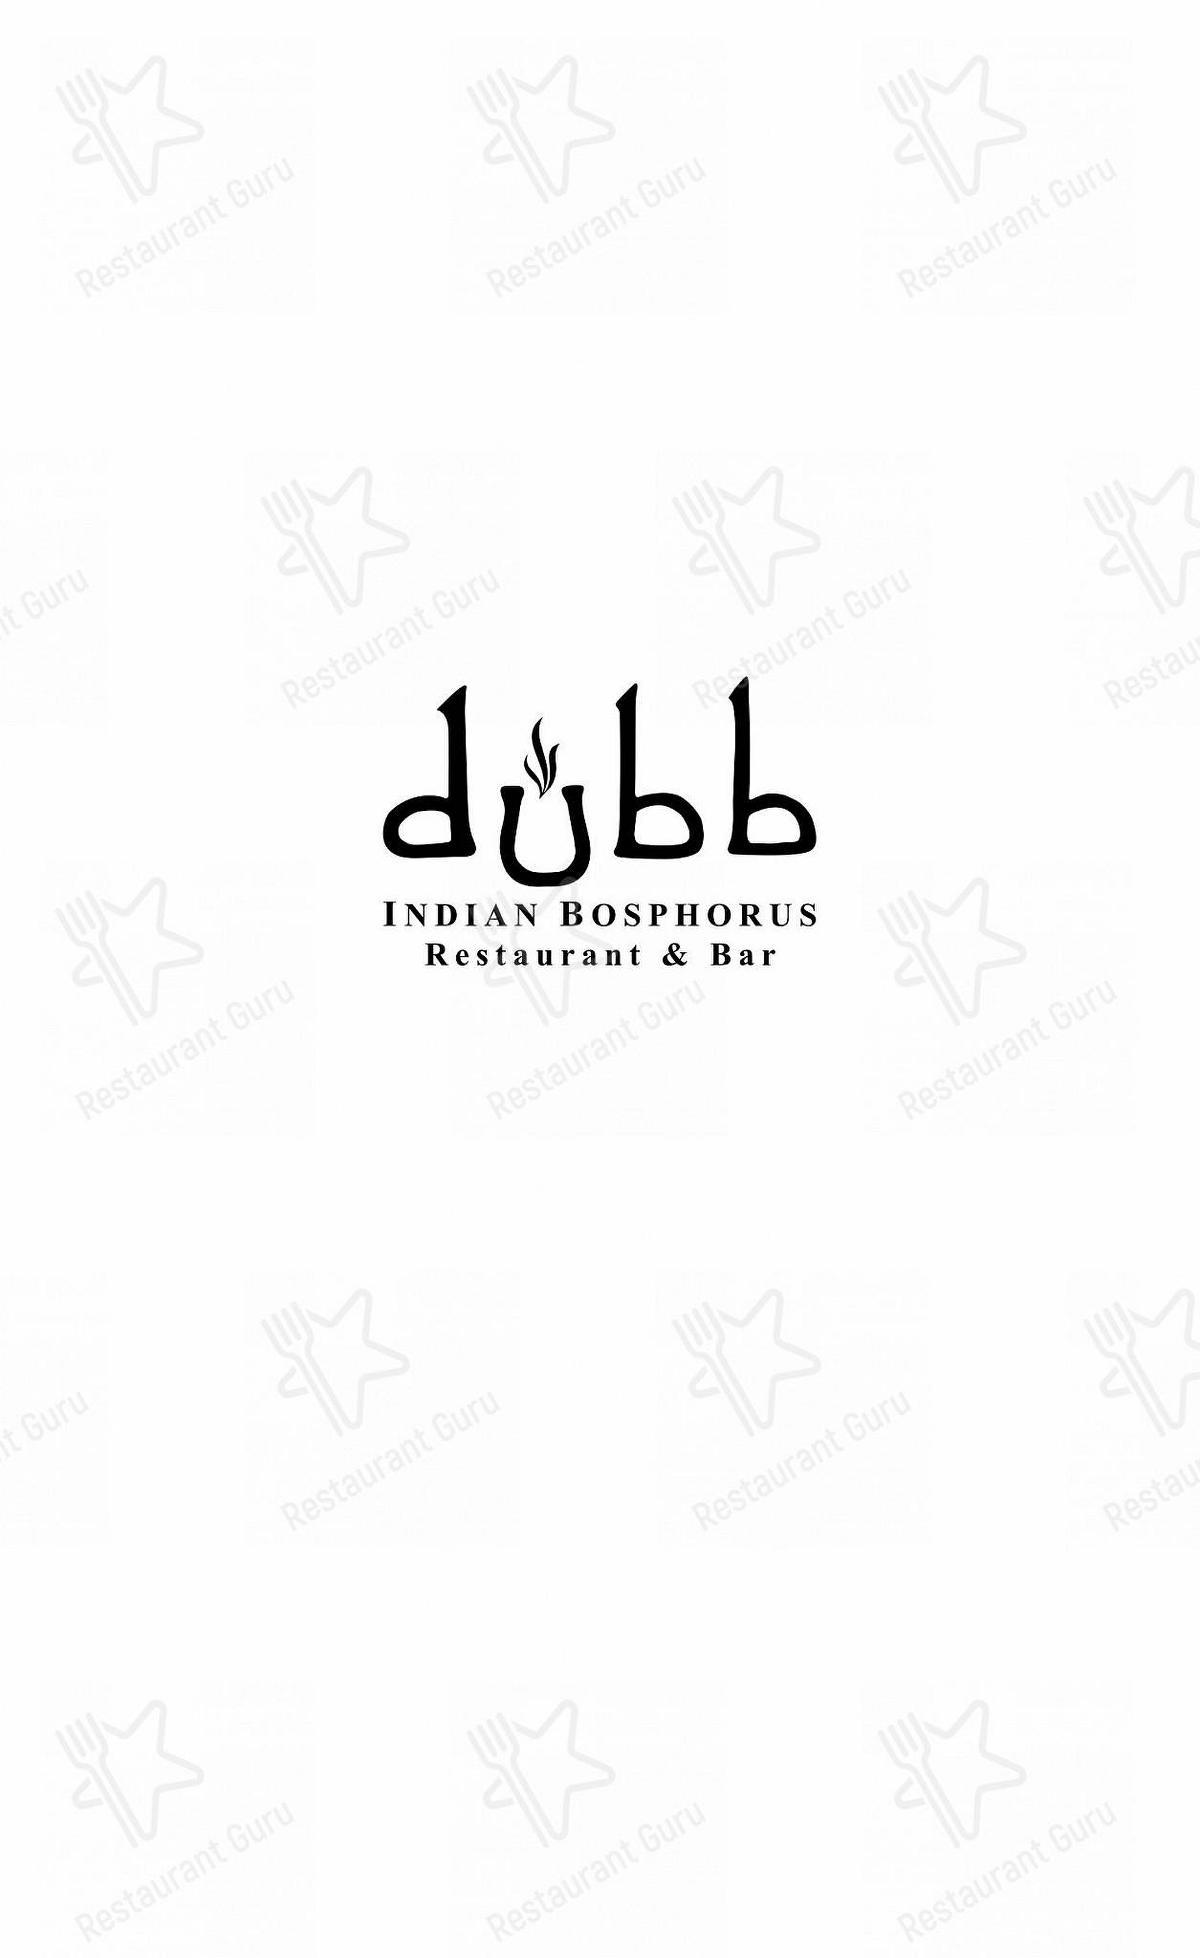 Взгляните на меню Dubb Indian Bosphorus Restaurant